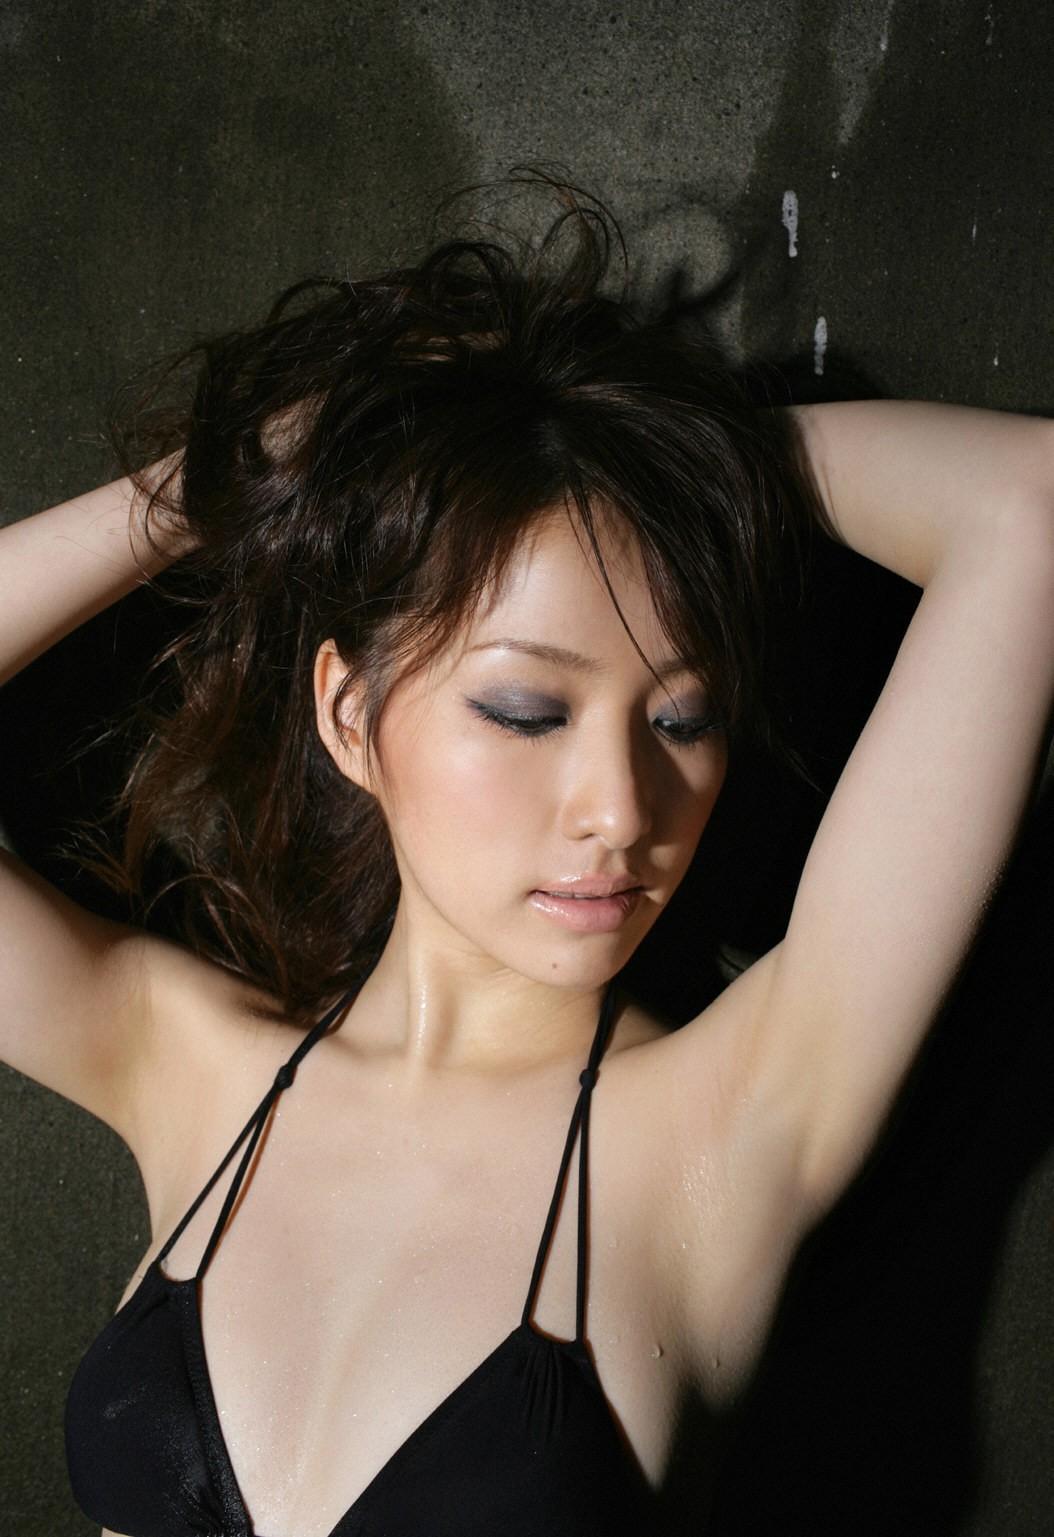 【腋フェチエロ画像】乳首より舐めたい時もあるw味わい深い美女の腋下www 29